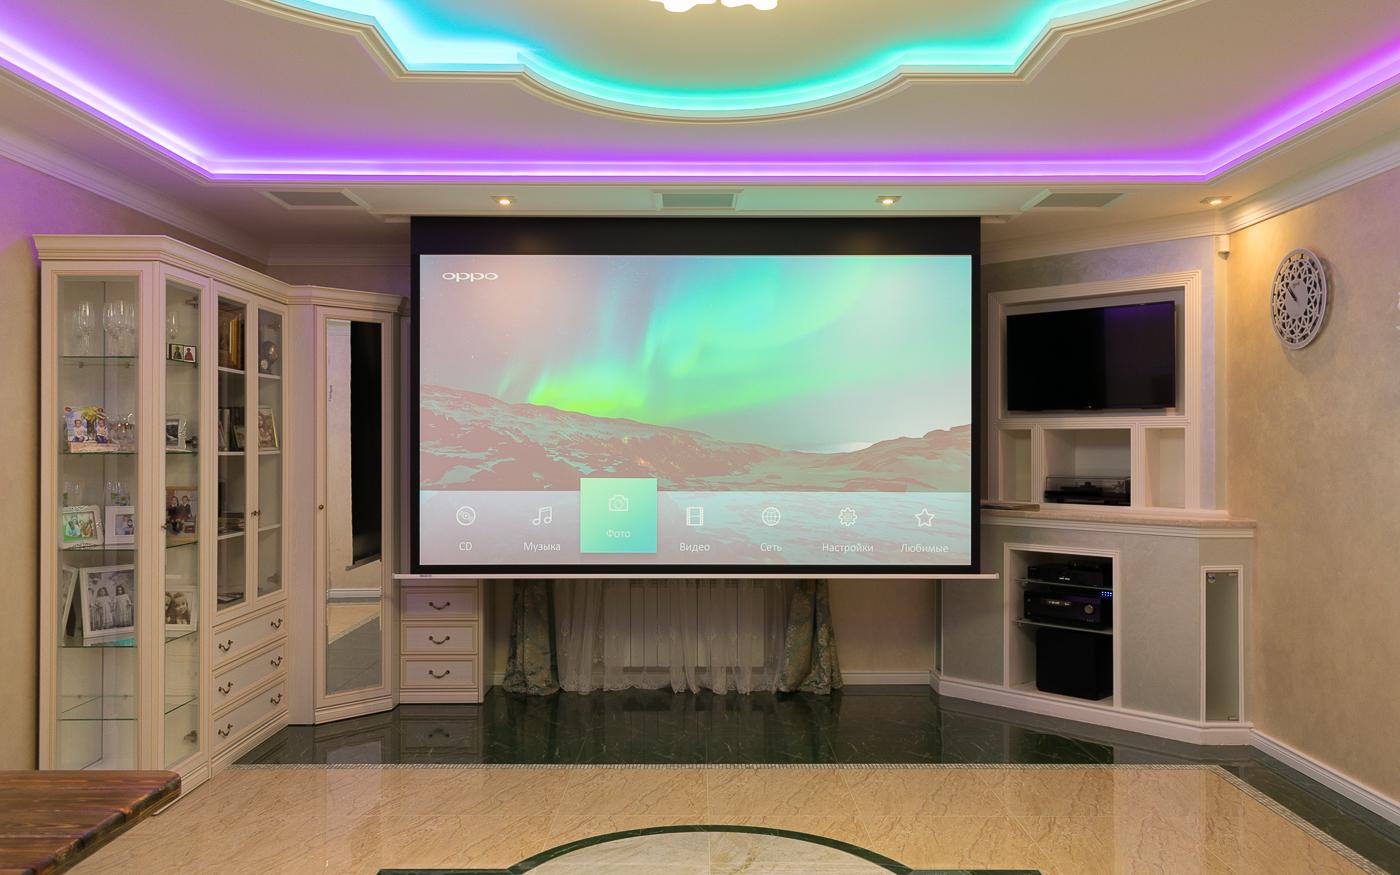 Интерьер домашнего кинотеатра с проектором и встроенной в потолок акустикой